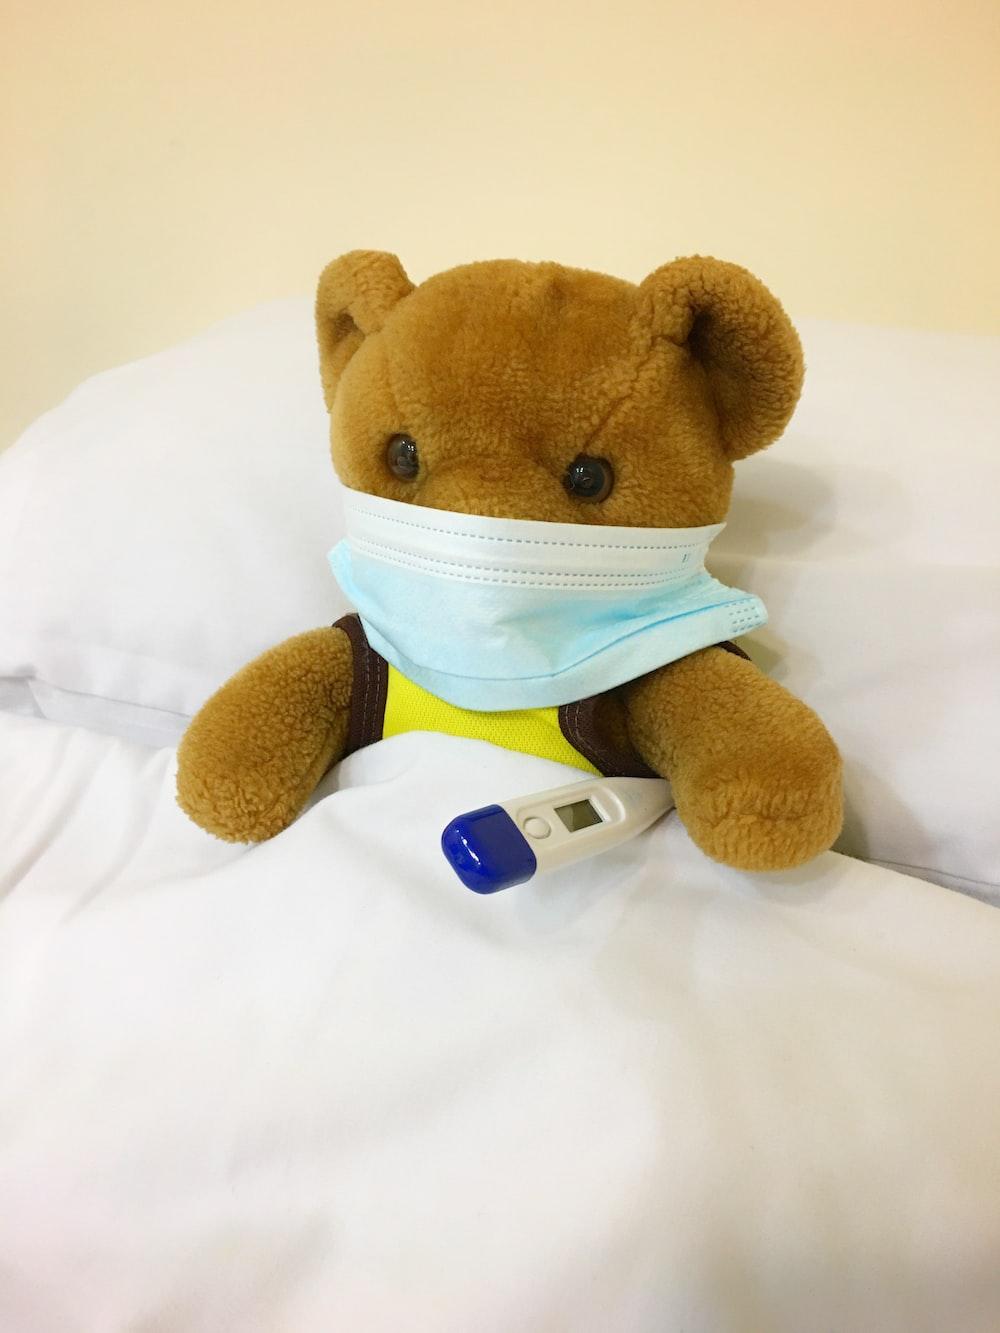 brown bear plush toy on white textile